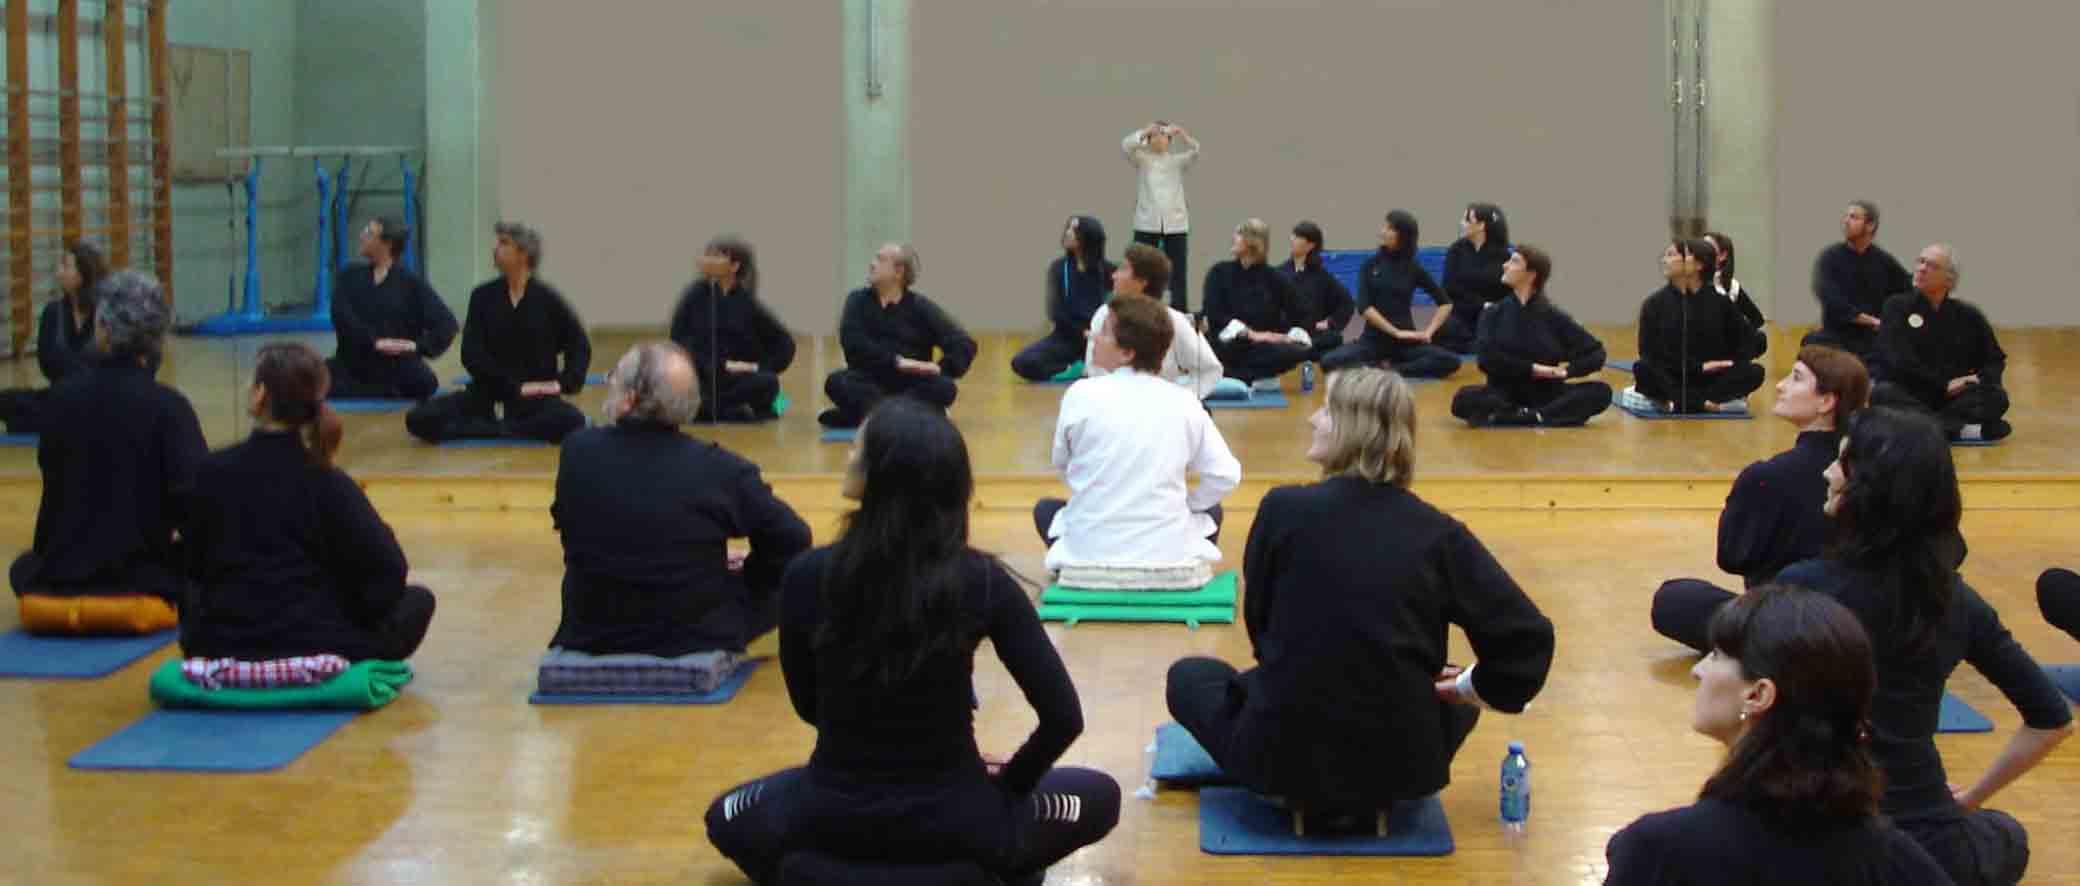 Qigong sentado: Las 12 Joyas · Shi Er Duan Jin